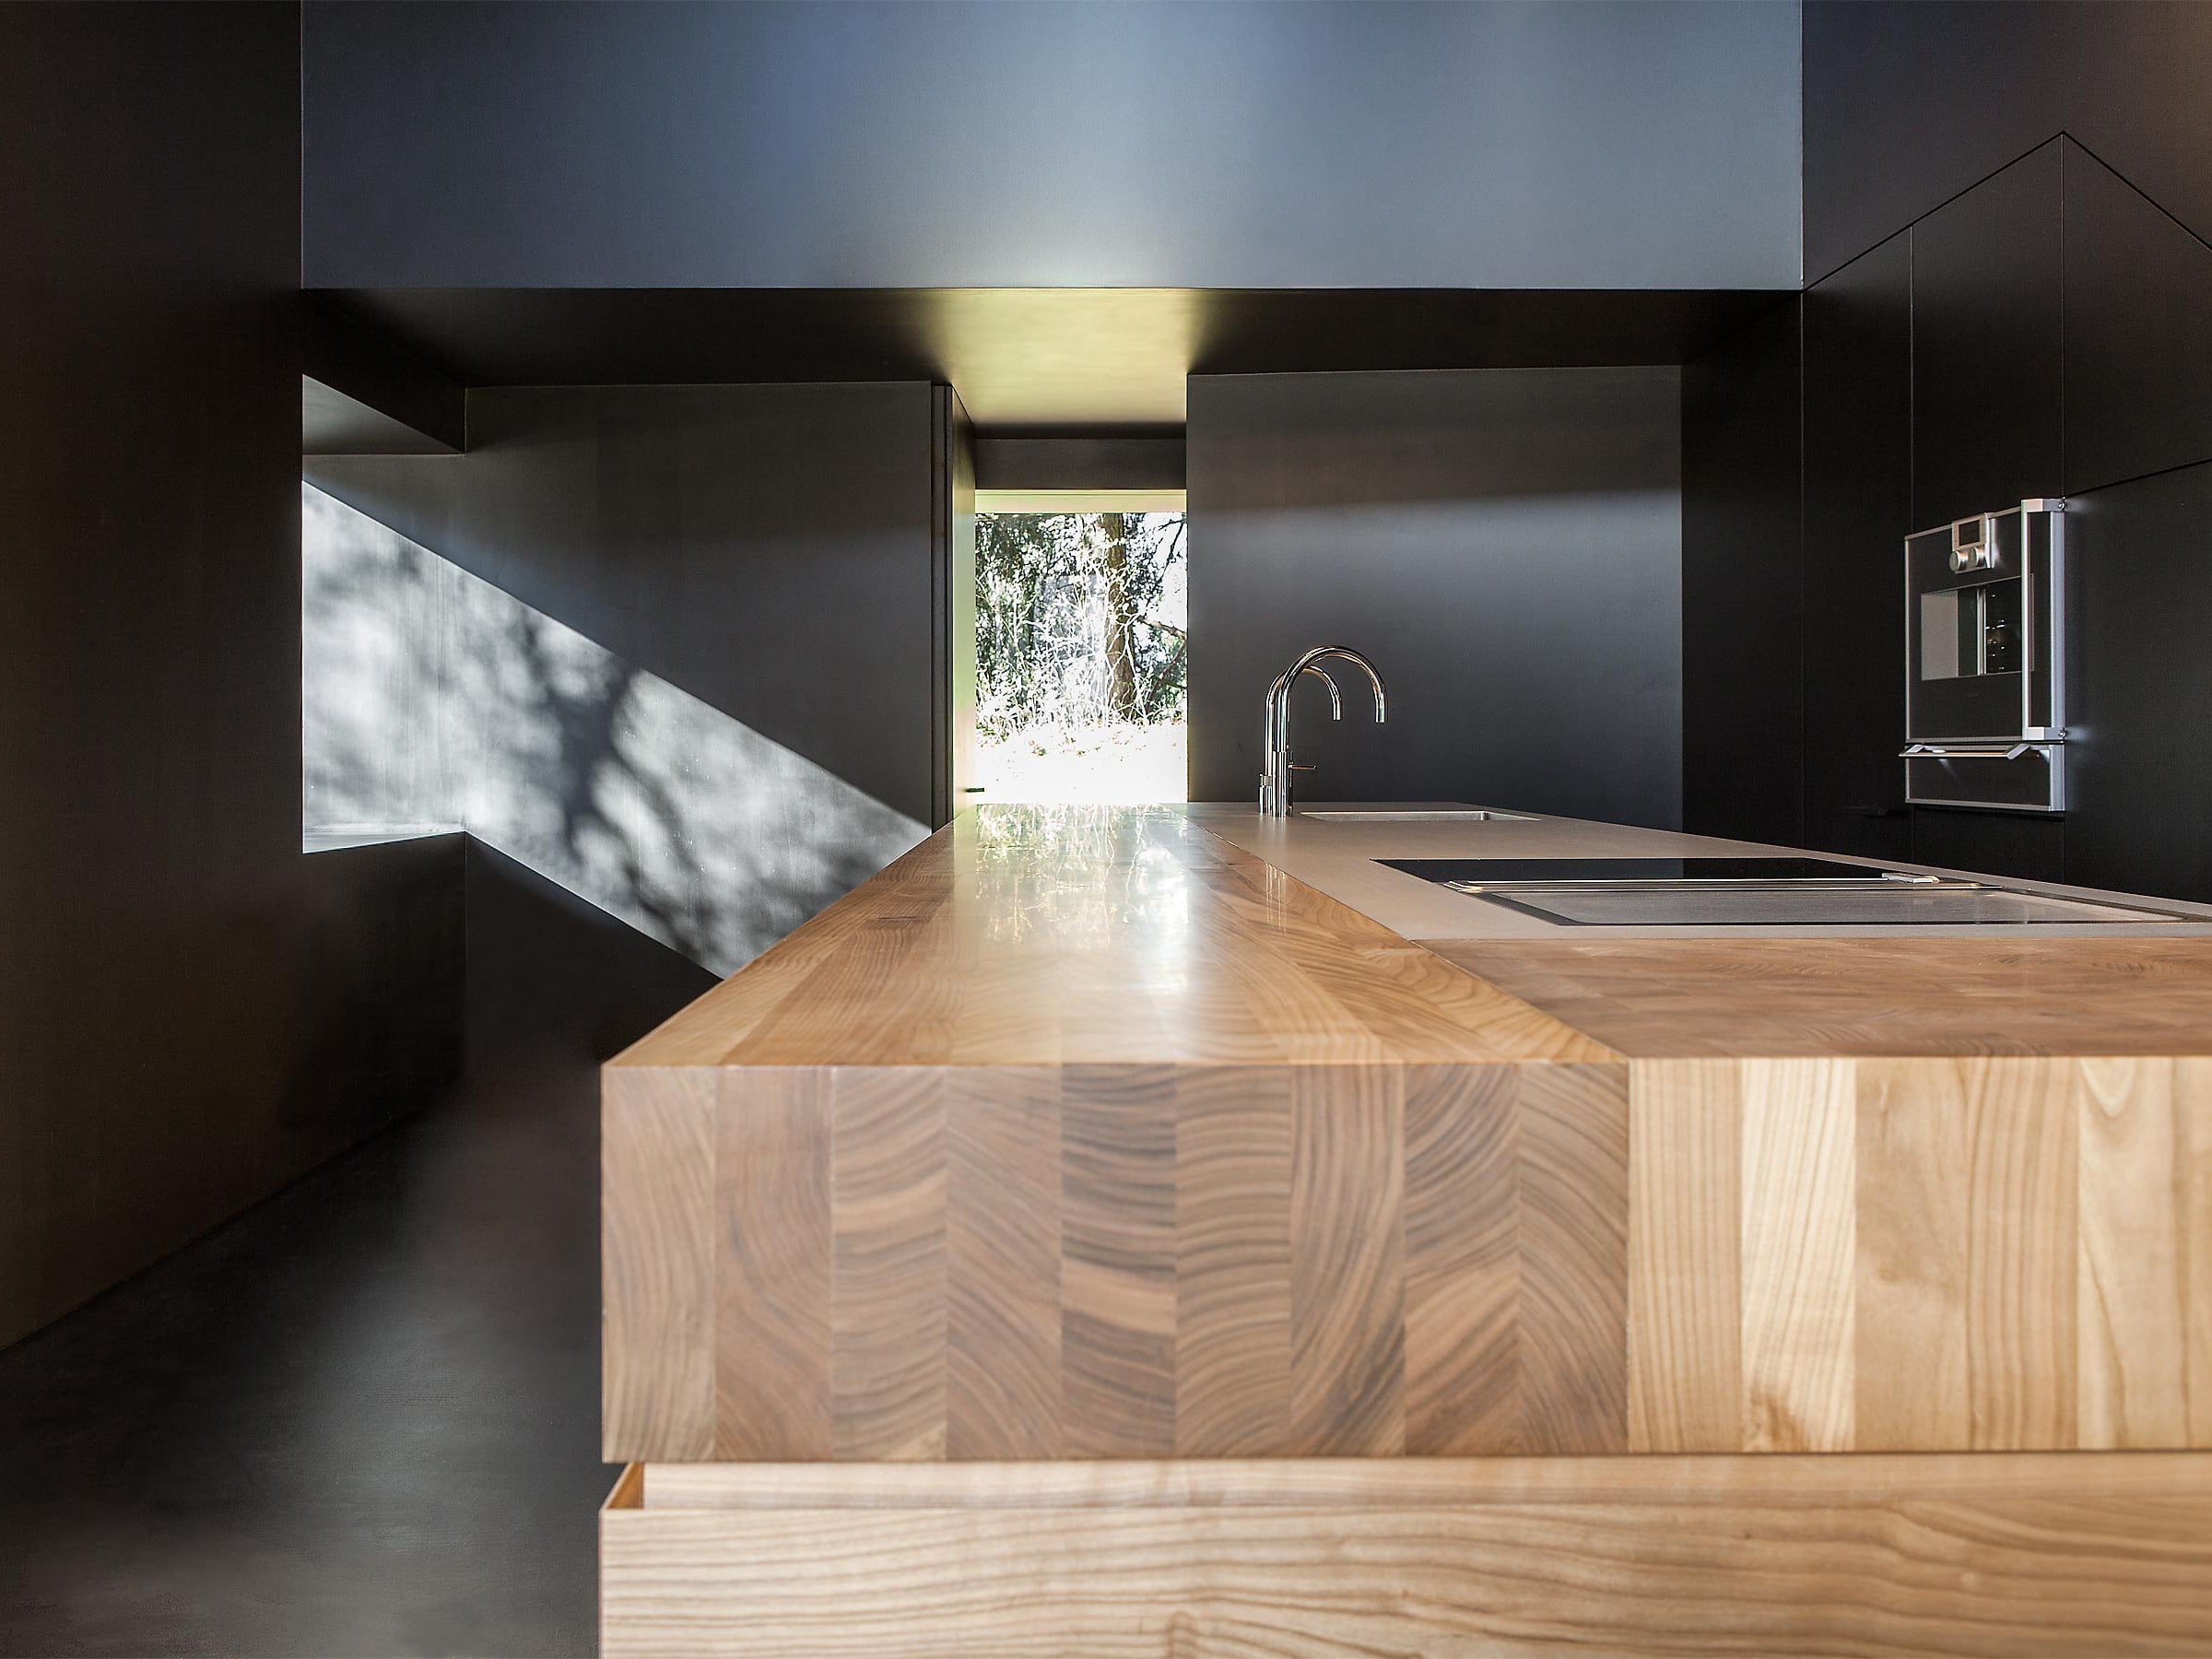 Großartig Italienische Küche Spokane Wa Galerie - Küche Set Ideen ...